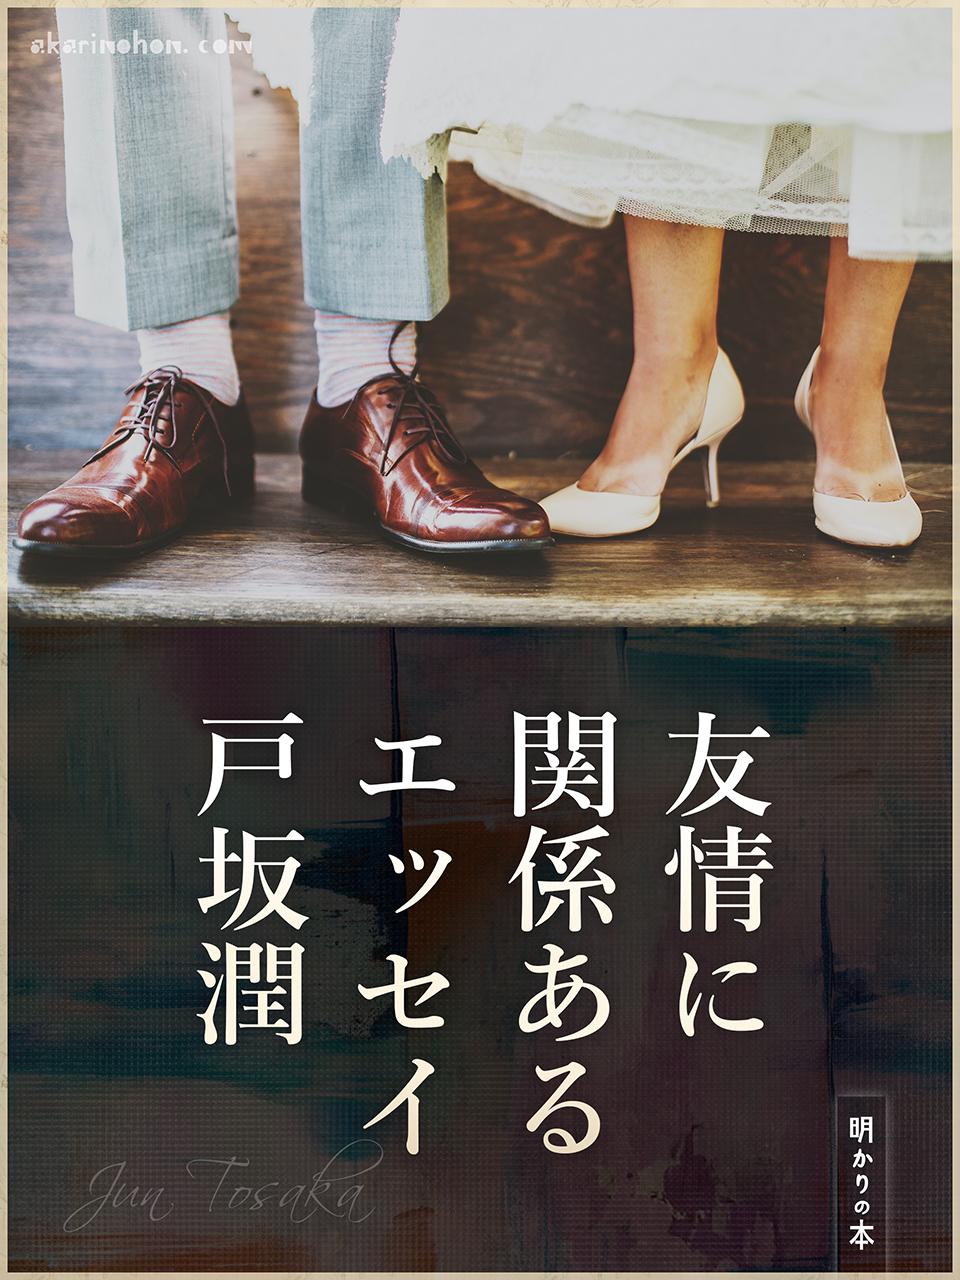 0000 - 友情に関係あるエッセイ 戸坂潤